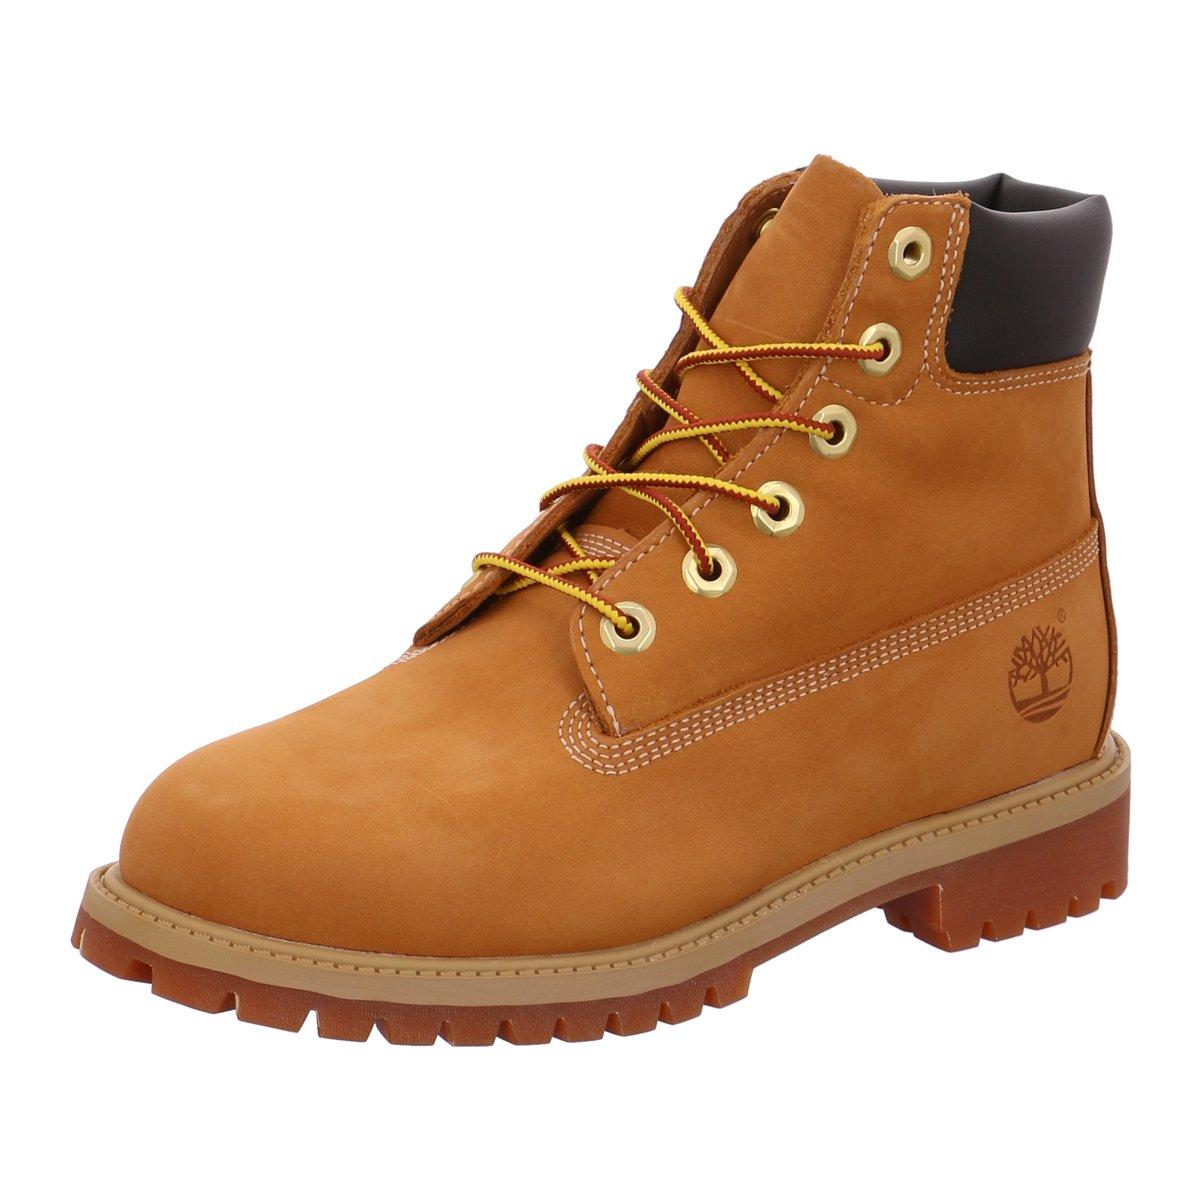 NEU Timberland Kinder Schnuerstiefel 6 Inch Premium Junior Schuhe Kinder